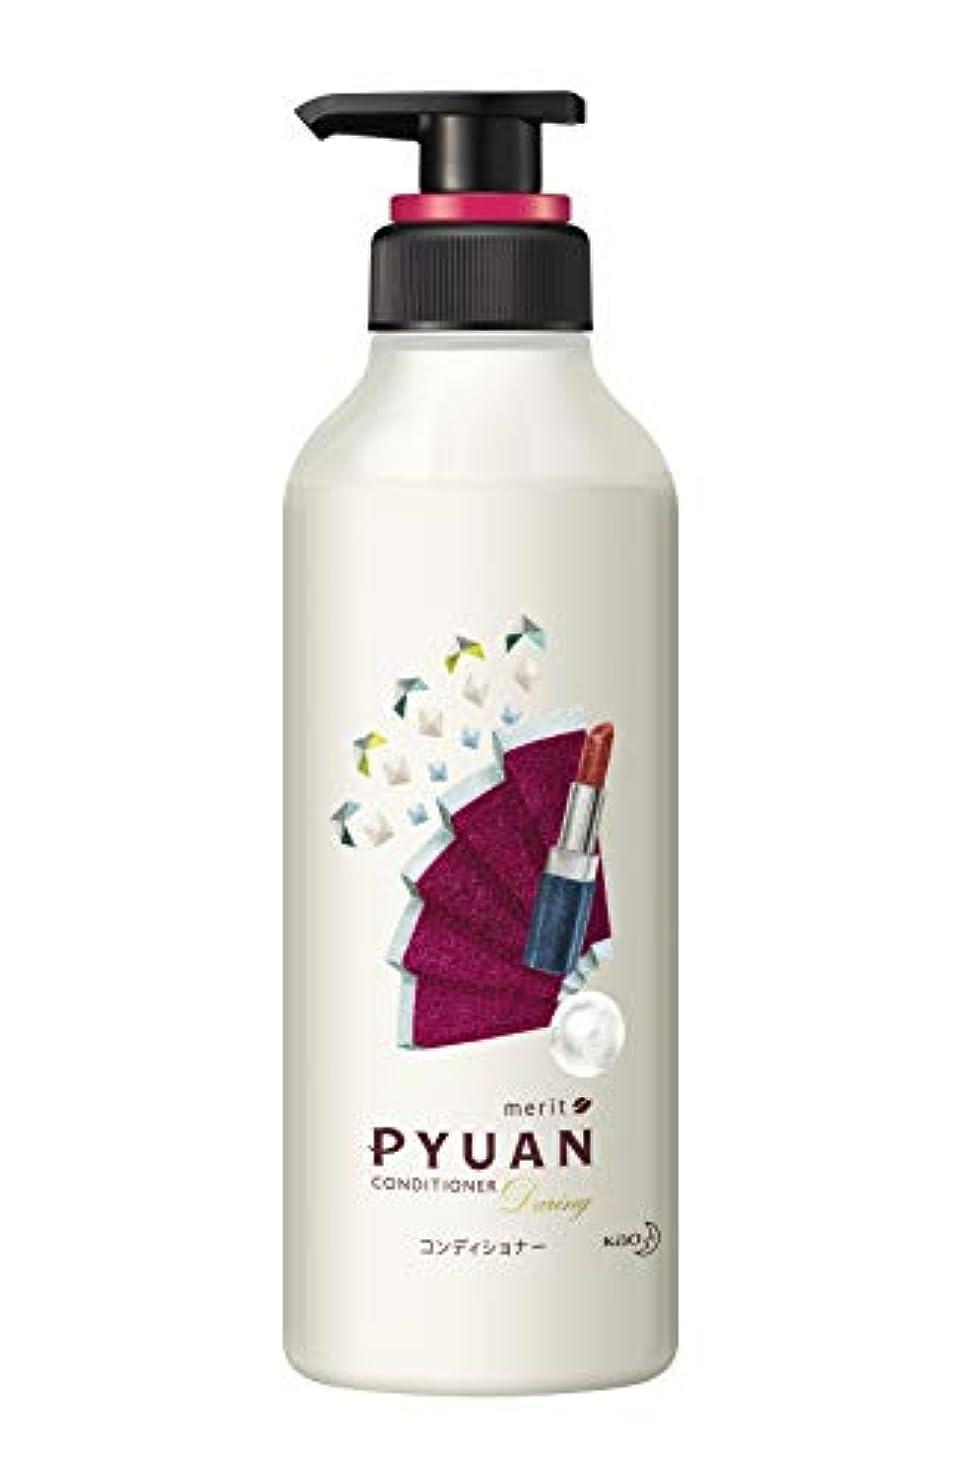 ご注意貨物出席PYUAN(ピュアン) メリットピュアン デアリン (Daring) ローズ&ガーネットの香り コンディショナー ポンプ 425ml 河井 いづみ コラボ